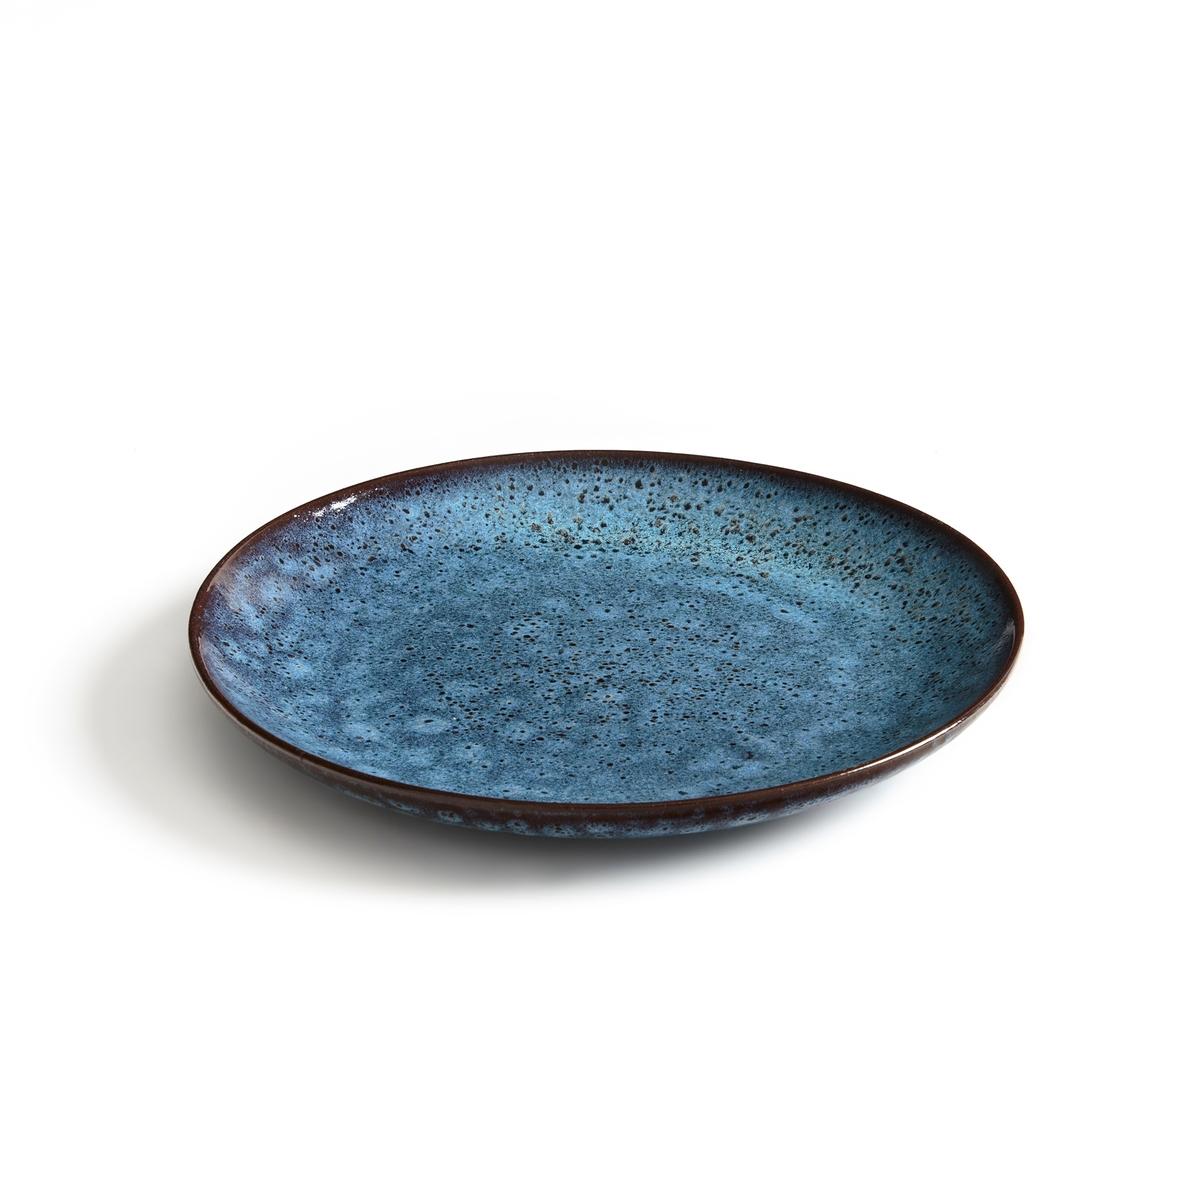 Тарелка плоская из терракоты , Pesgira (x4)4 плоских тарелки Pesgira. Очень красивый отражающий эффект, придающий неравномерную цветопередачу тарелке. Из эмалированной керамики . Ручная работа, каждое блюдо уникально. Подходит для мытья в посудомоечной машине. Размеры : ?27 x 2,5 см .<br><br>Цвет: каштановый / синий